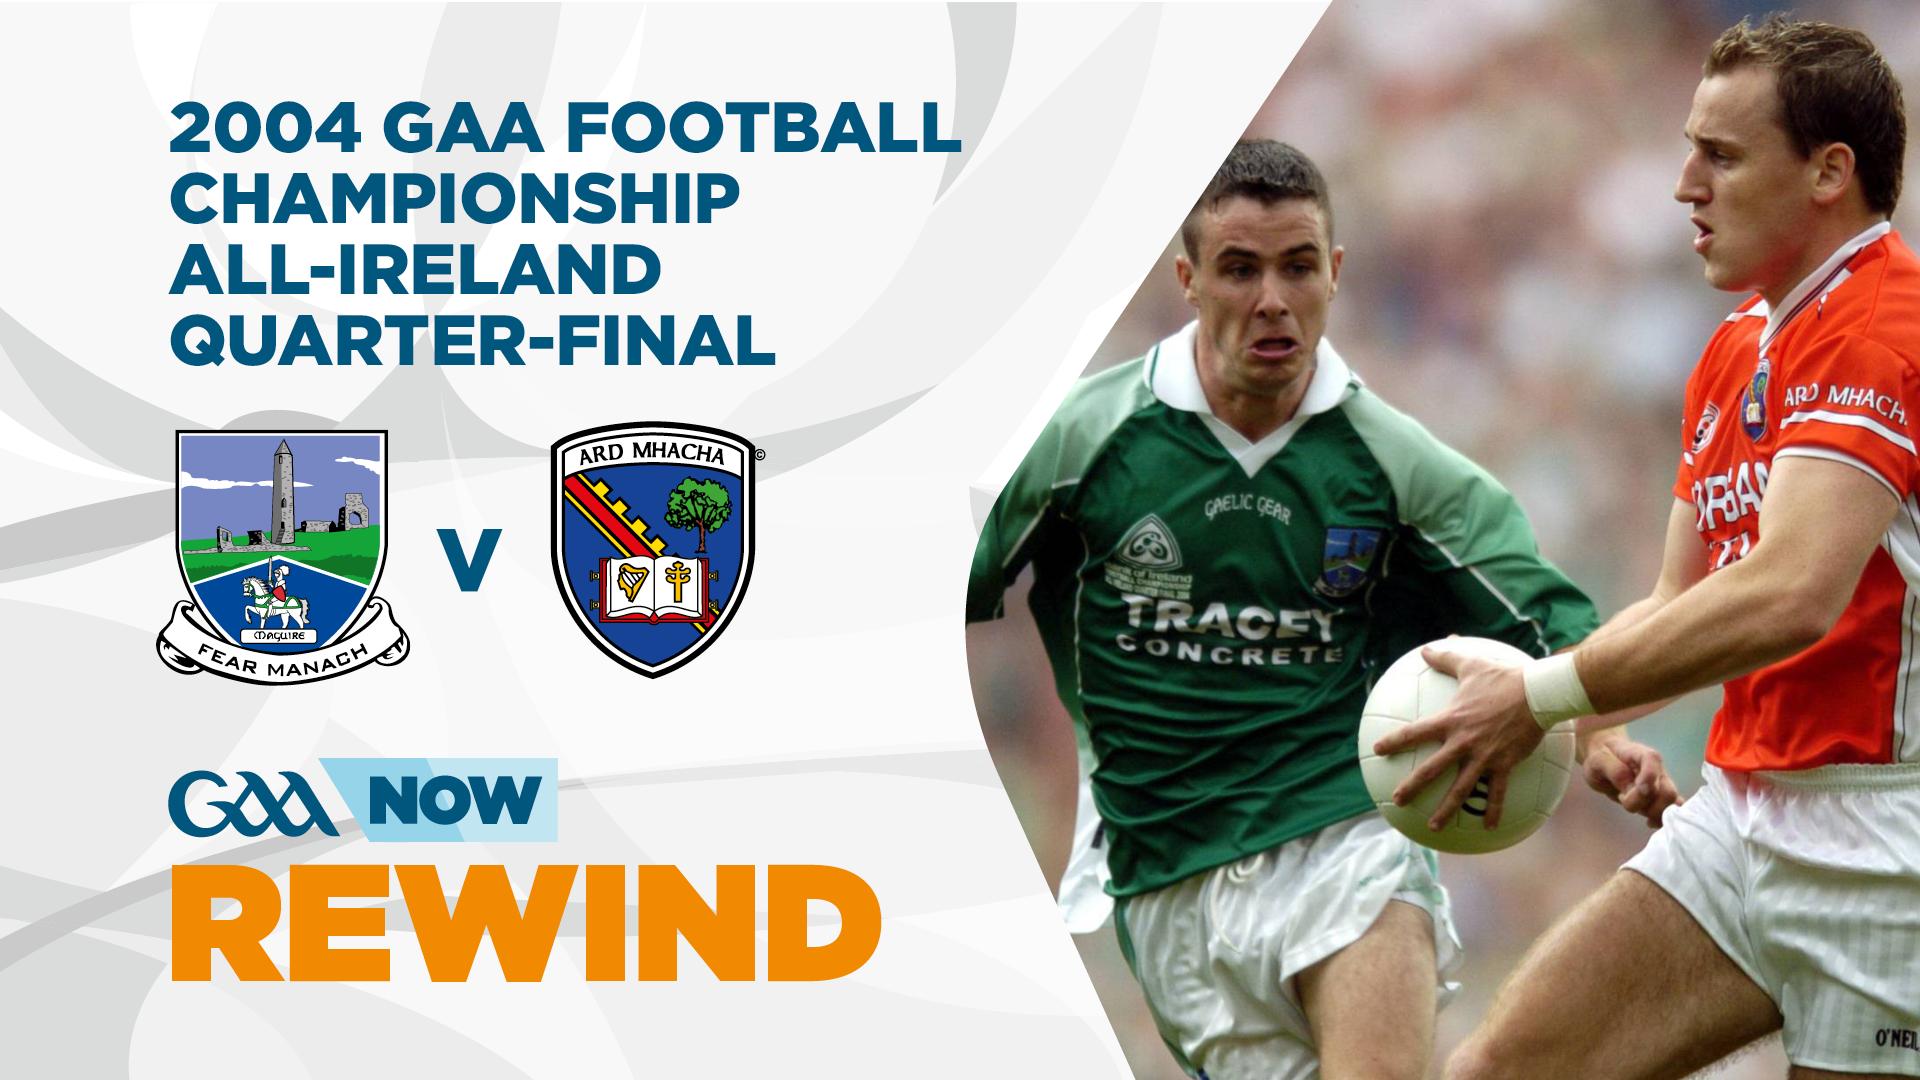 GAA Rewind: 2004 All Ireland QF Fermanagh v Armagh